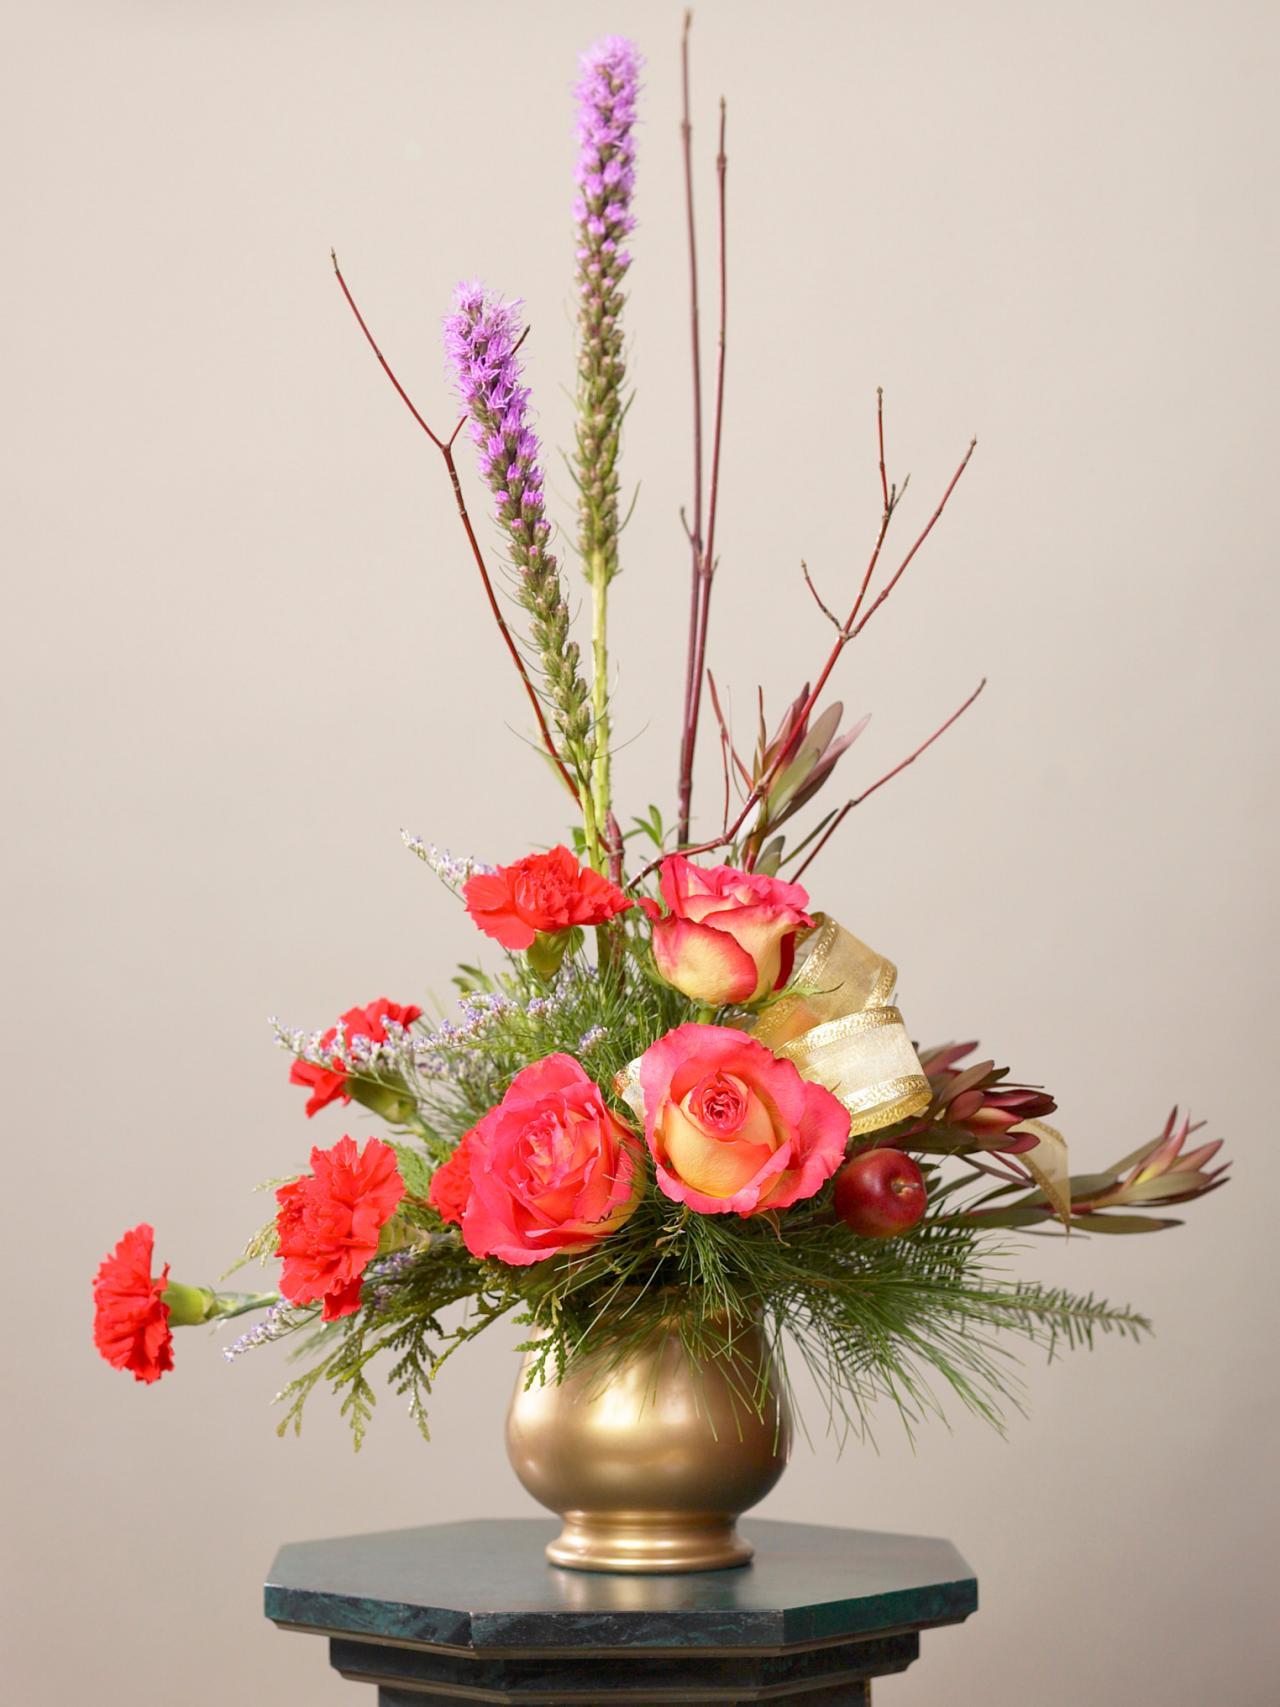 Mẫu hoa để kệ trang trí đẹp